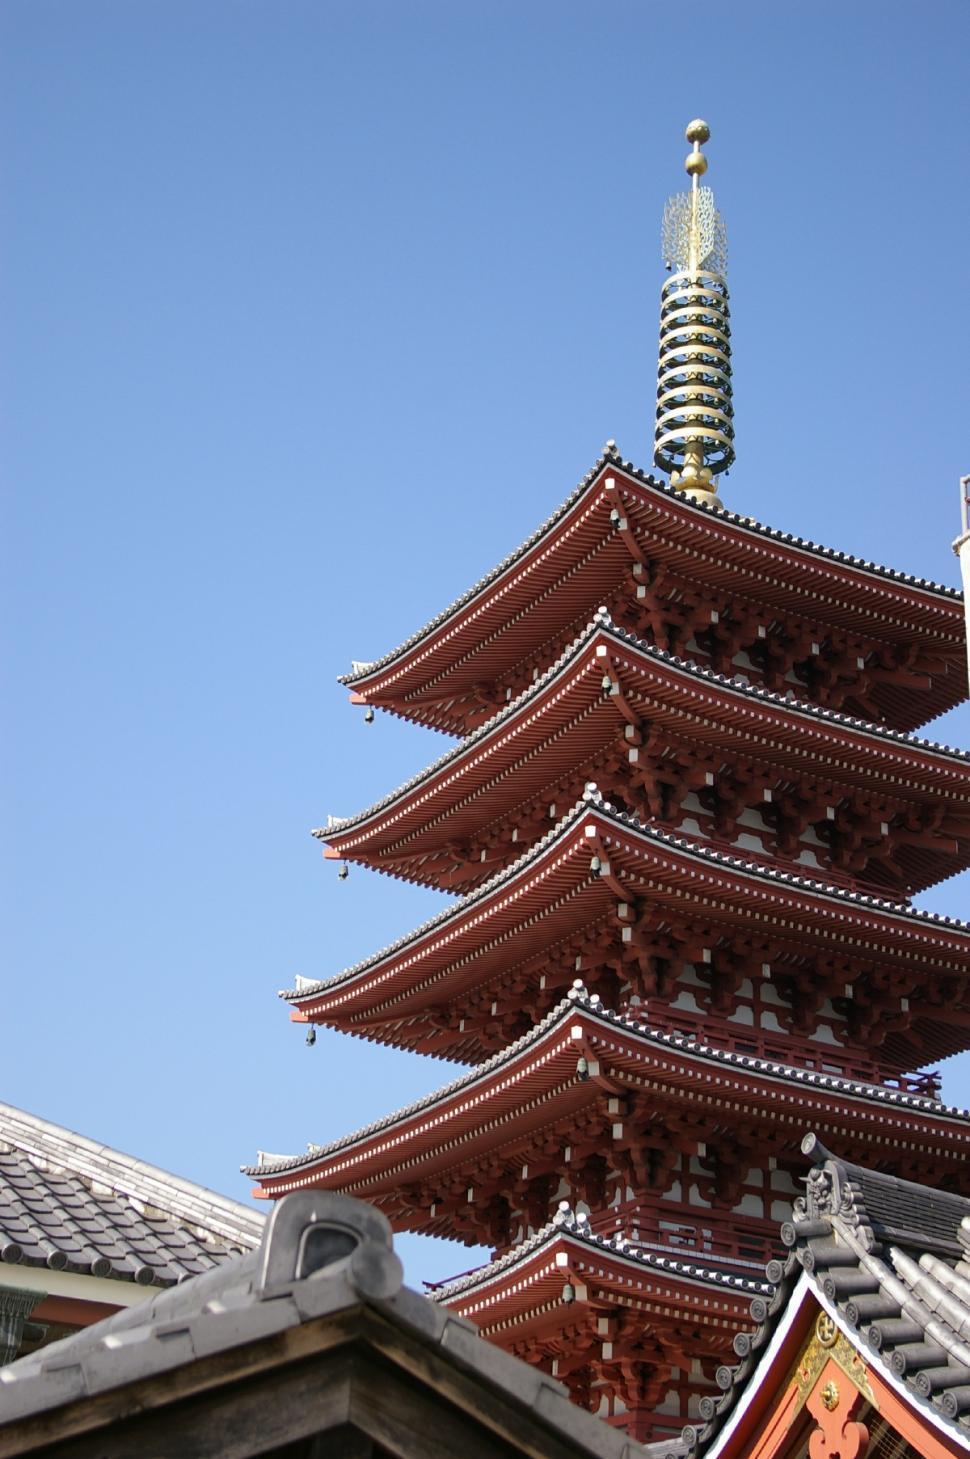 Download Free Stock HD Photo of Nara, Japan Pagoda Online